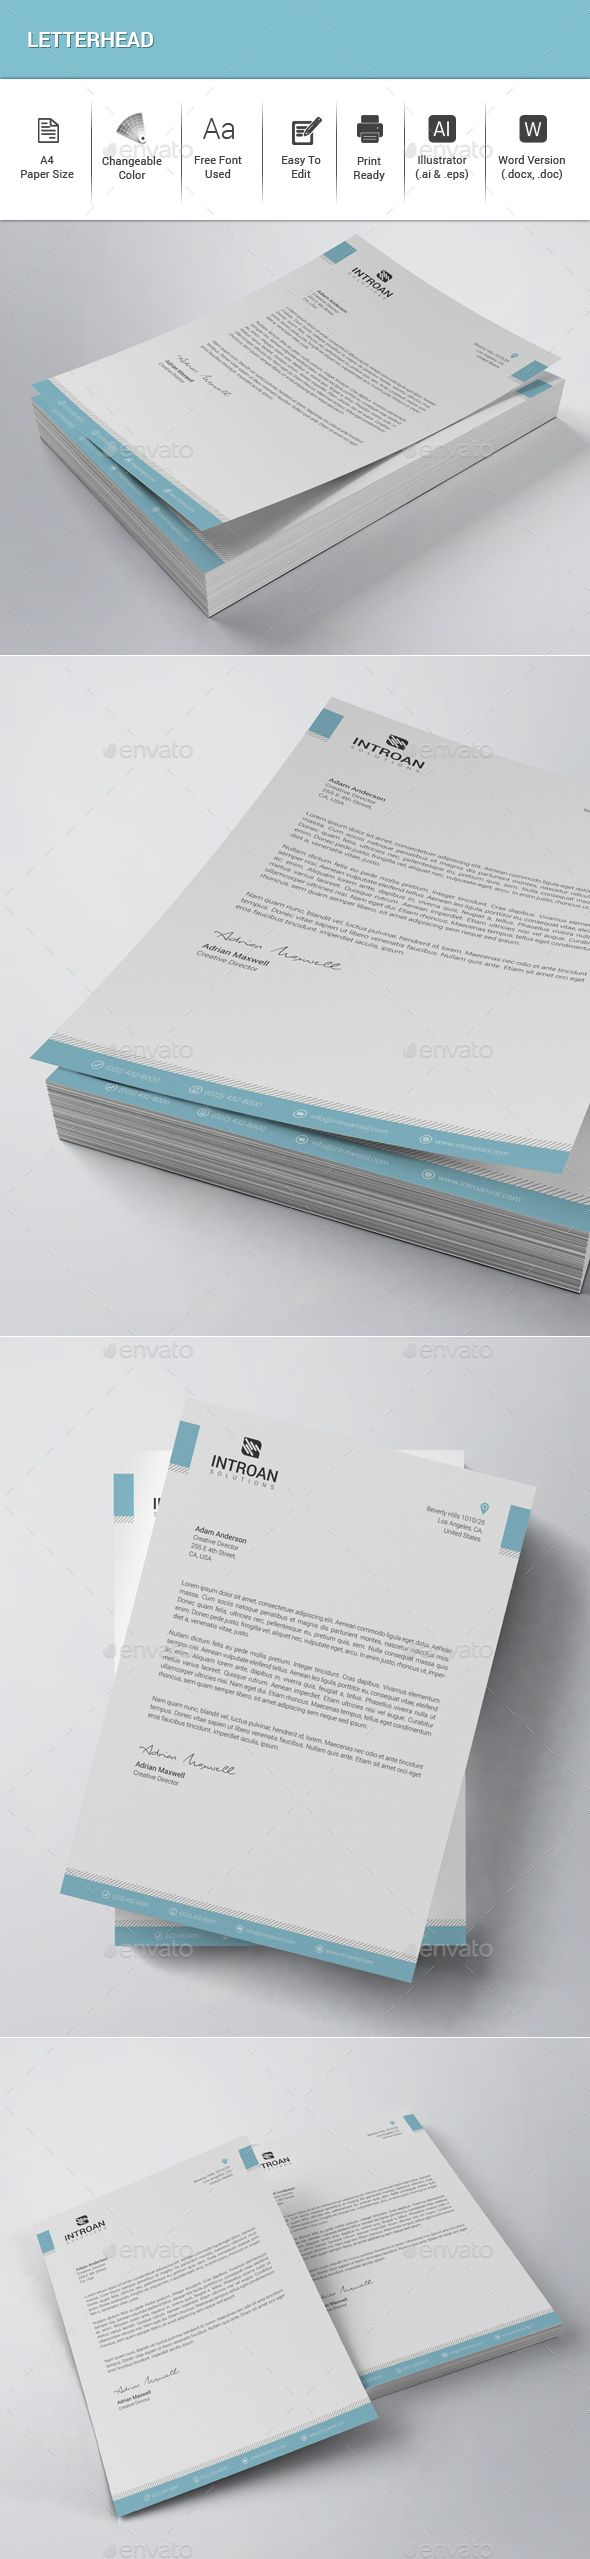 Best Letterhead Images On   Design Patterns Design